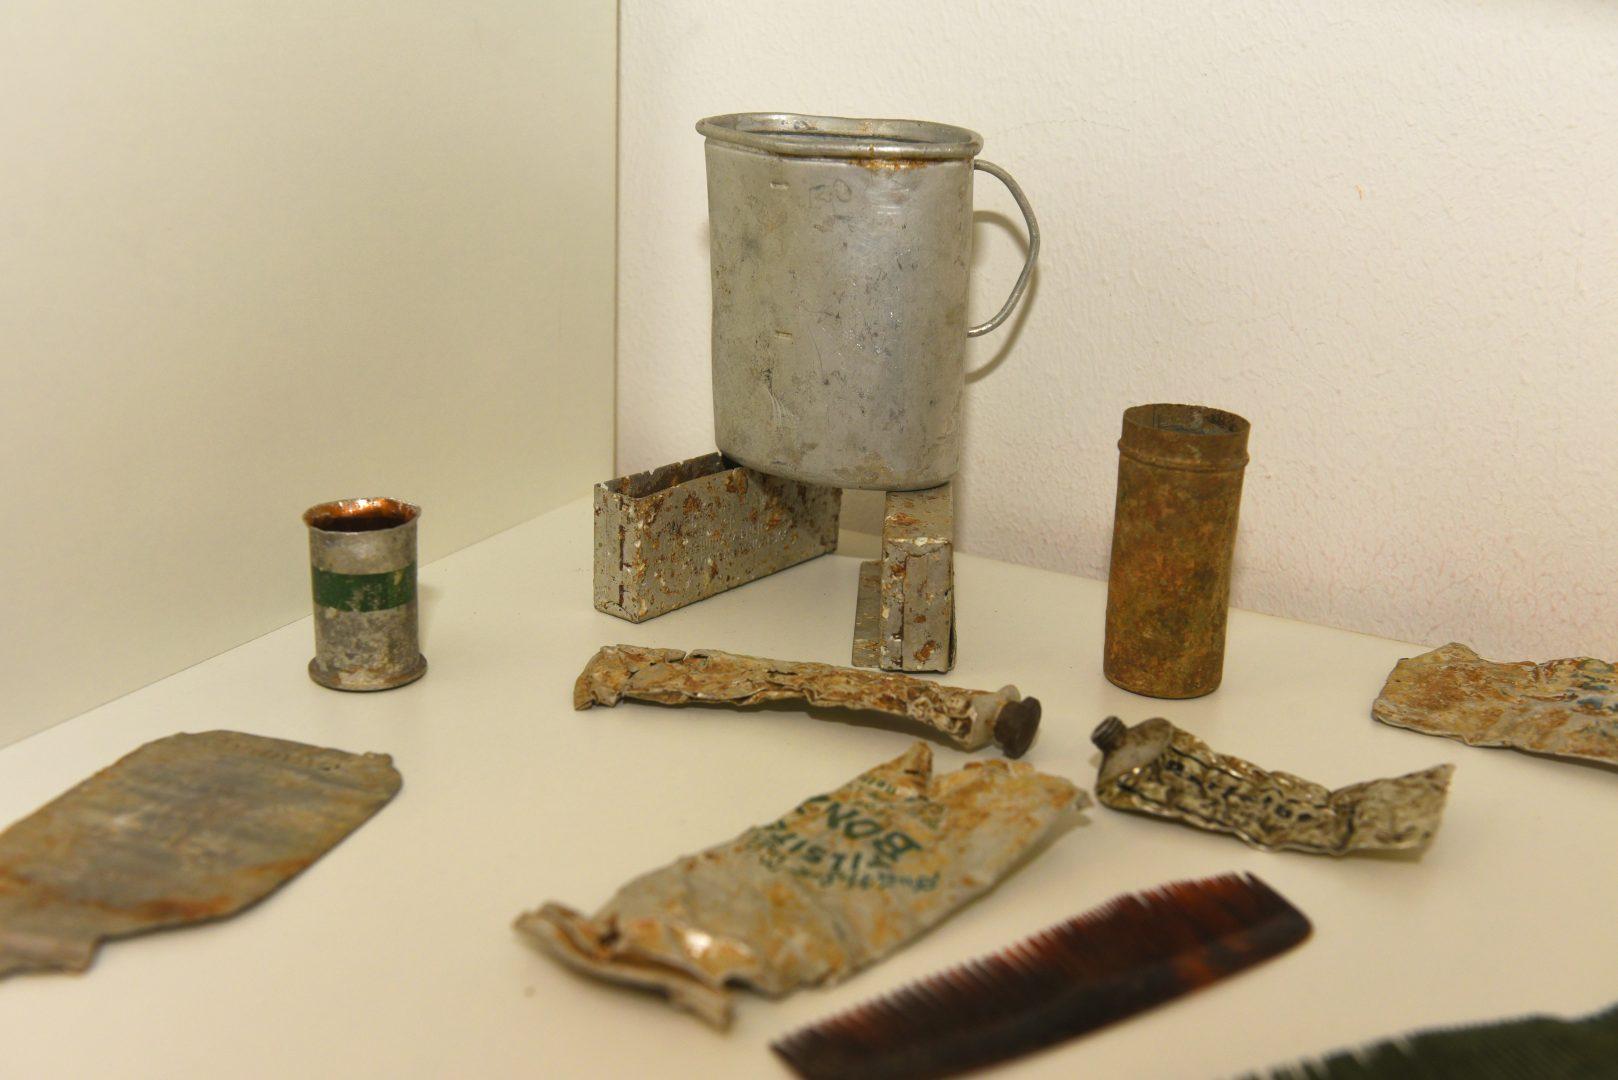 В 2020 году археологи обнаружили в столице более 15 тыс артефактов. Фото: Александр Кожохин, «Вечерняя Москва»